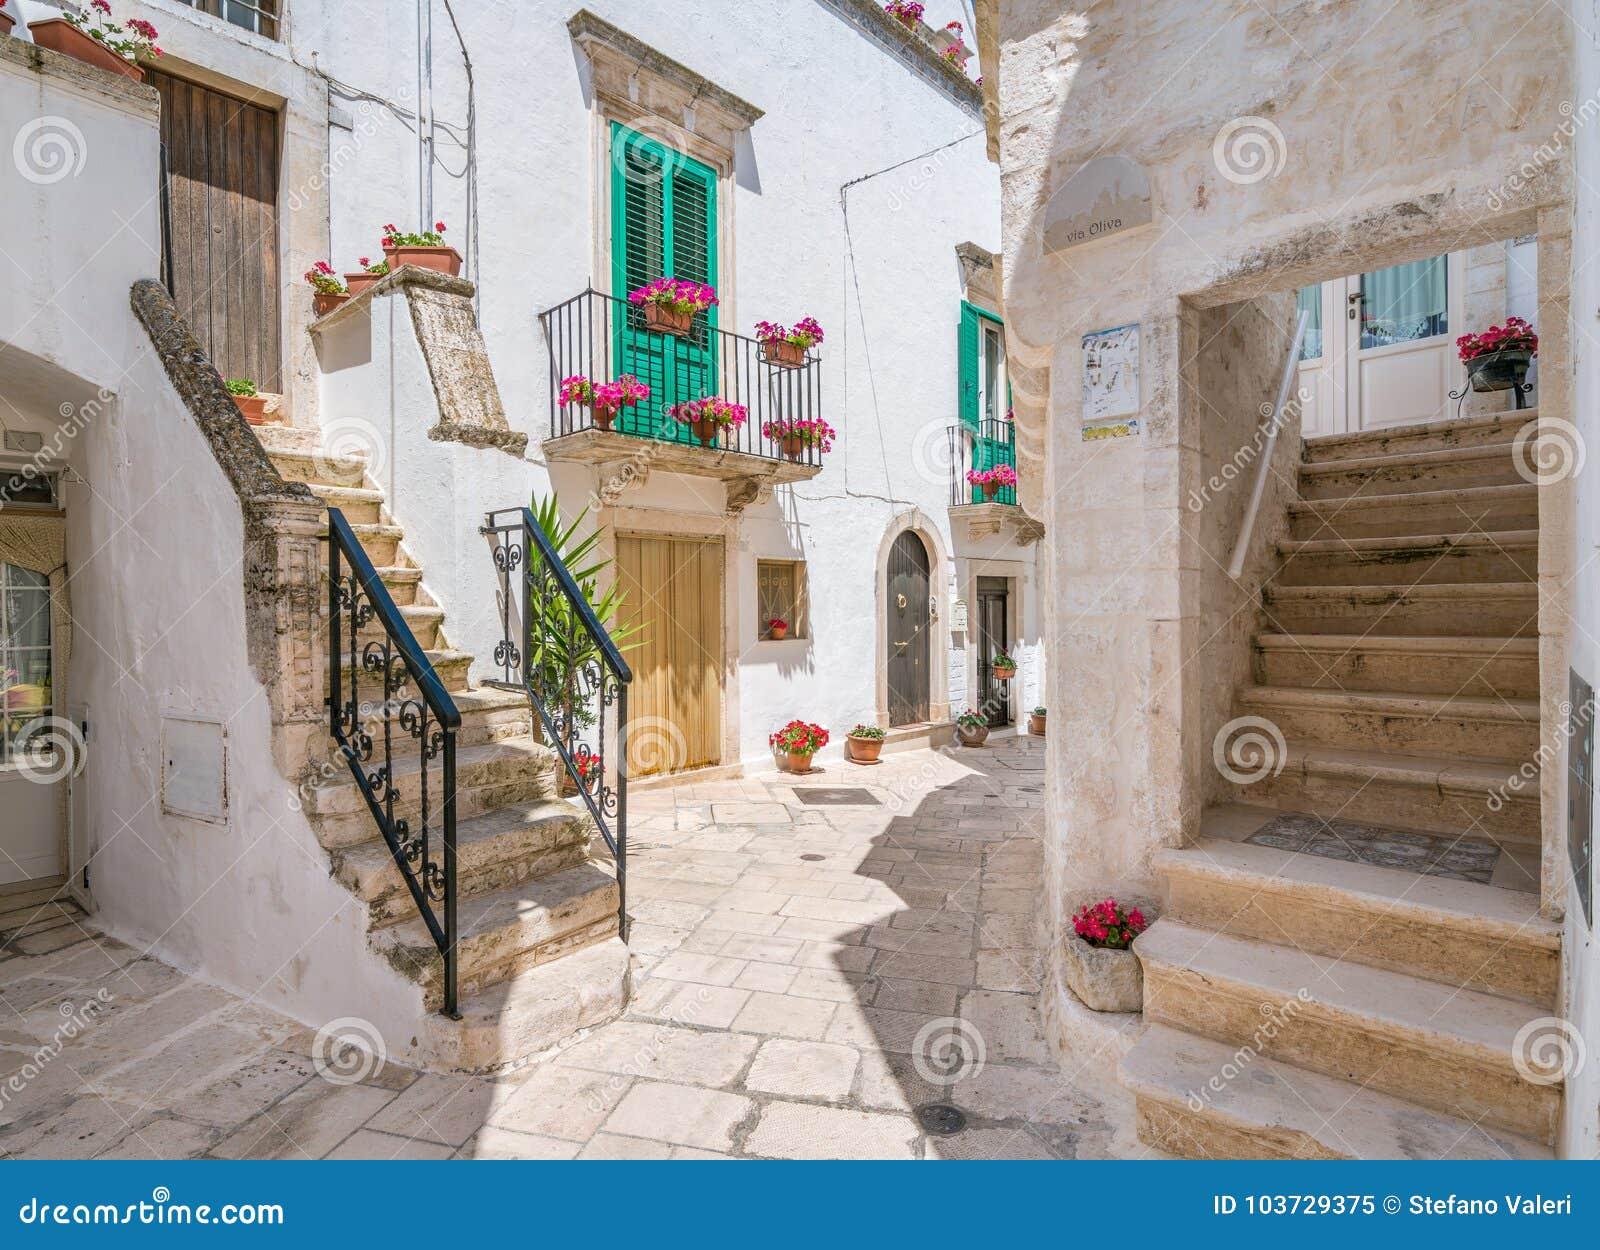 Vista scenica in Locorotondo, Bari Province, Puglia, Italia del sud